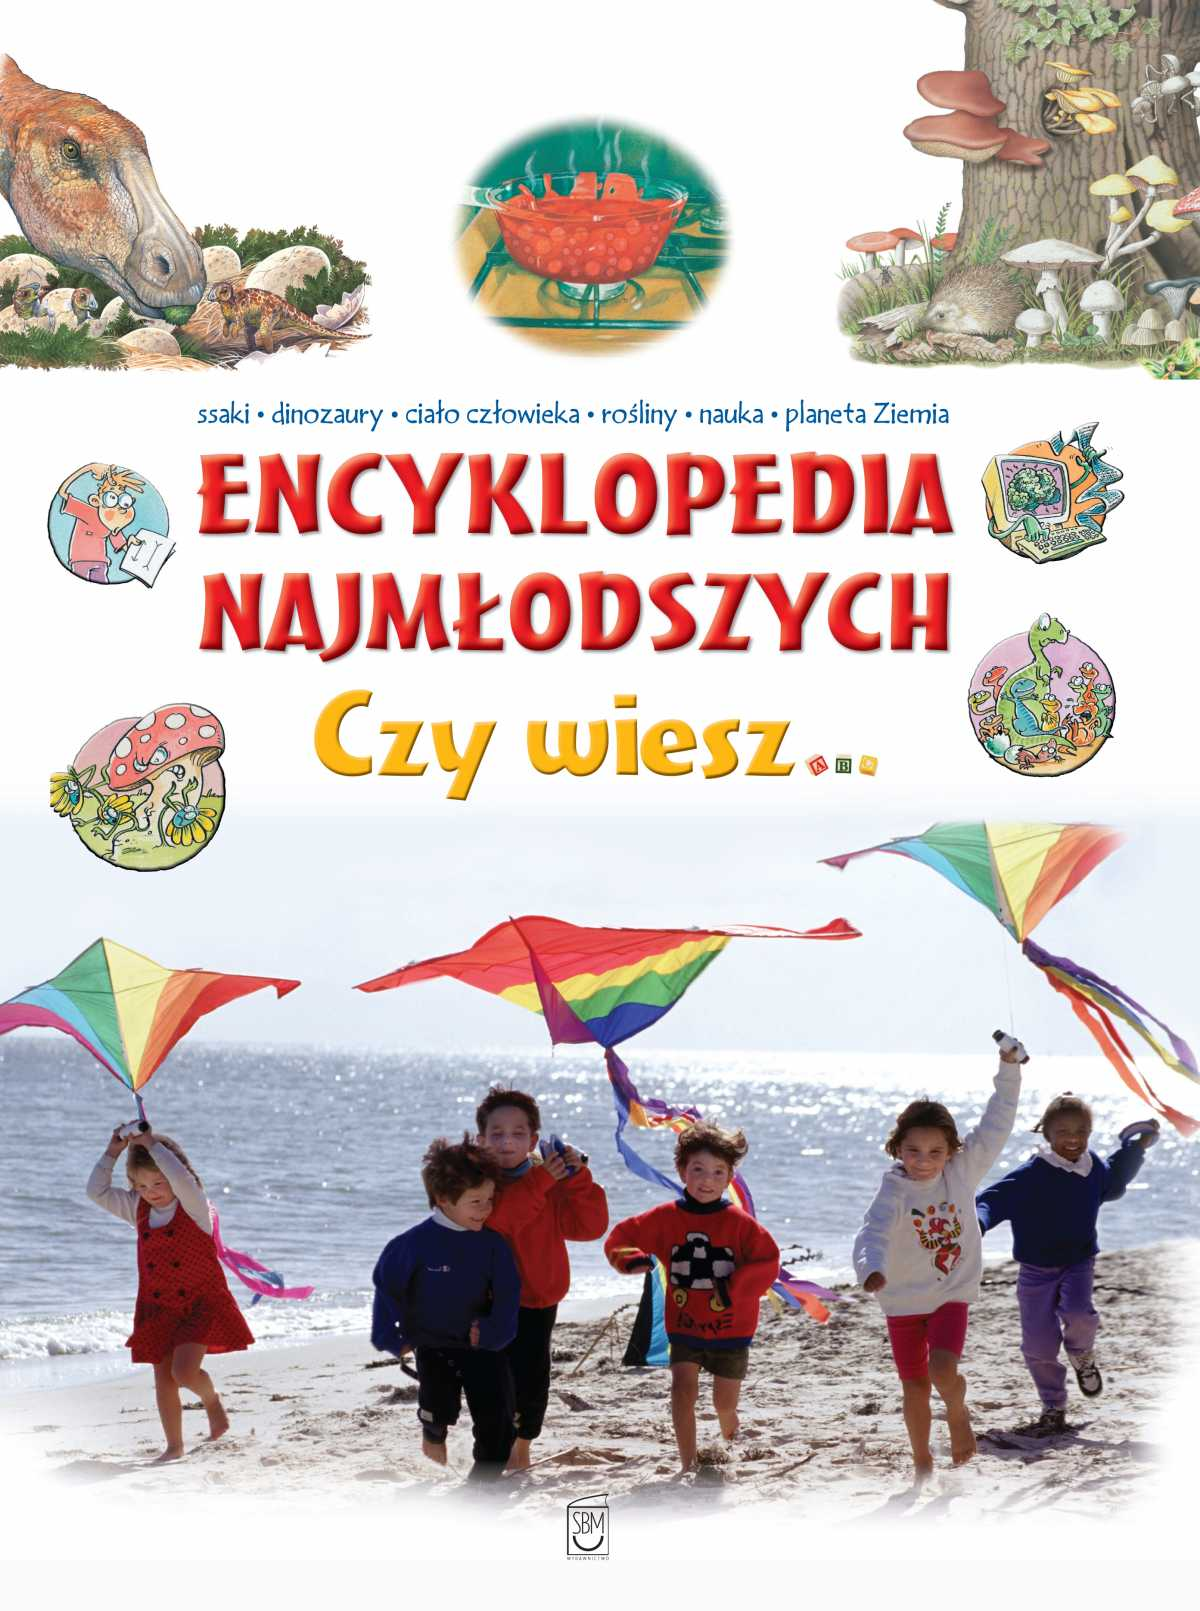 Encyklopedia najmłodszych. Czy wiesz… - Ebook (Książka PDF) do pobrania w formacie PDF